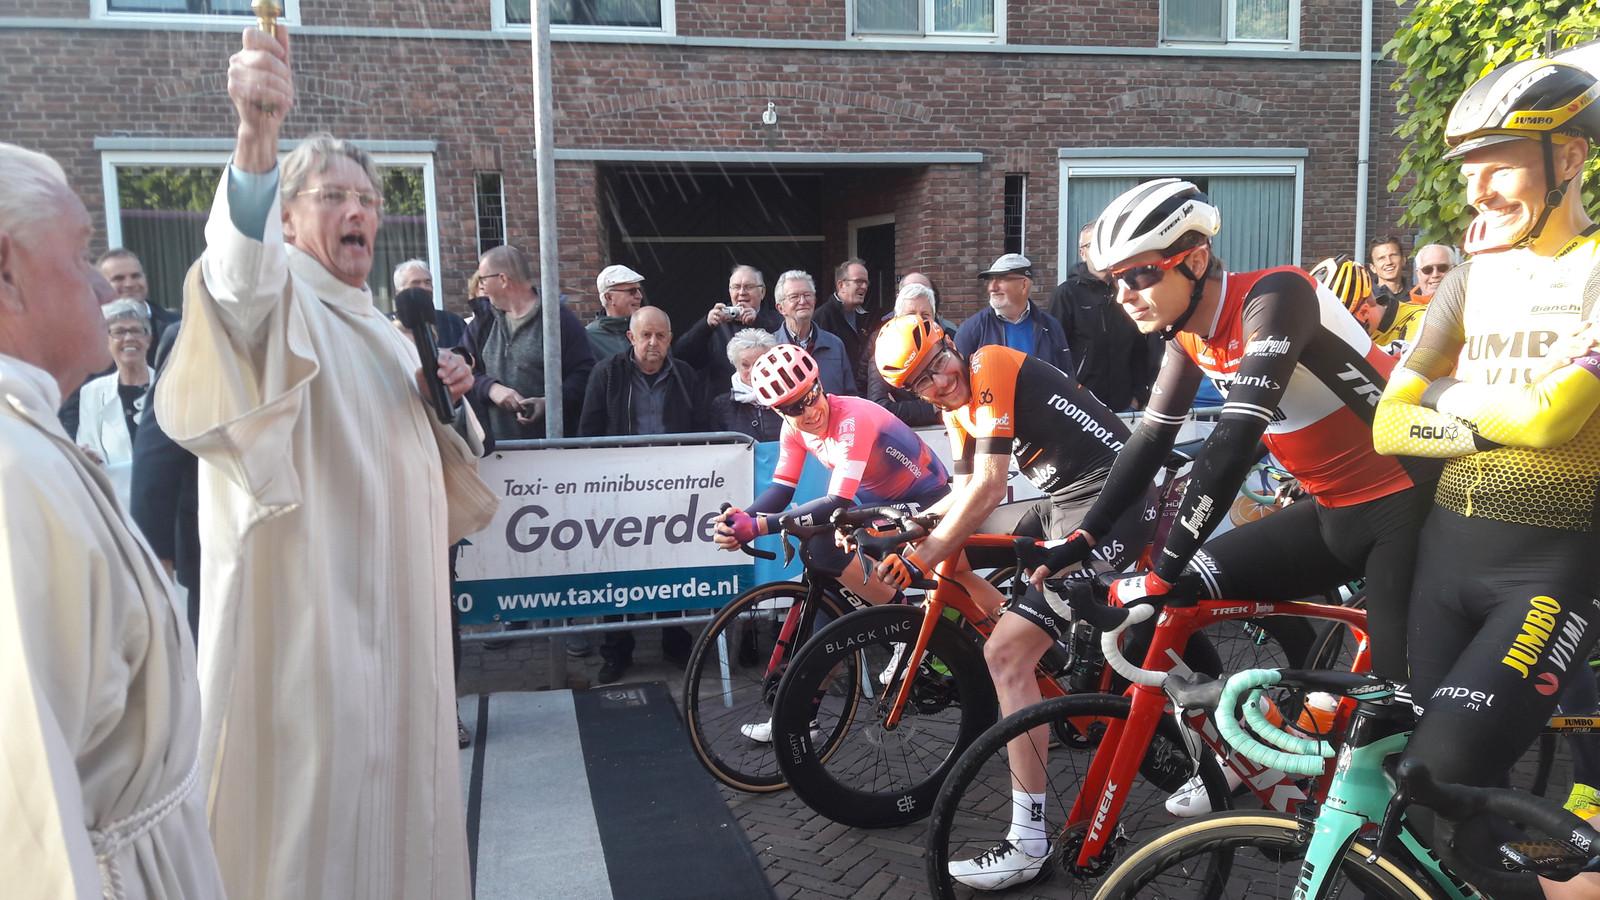 Pastor Ad van Kuyck geeft de profs in Made de zegen mee. Tot  jolijt van de renners.